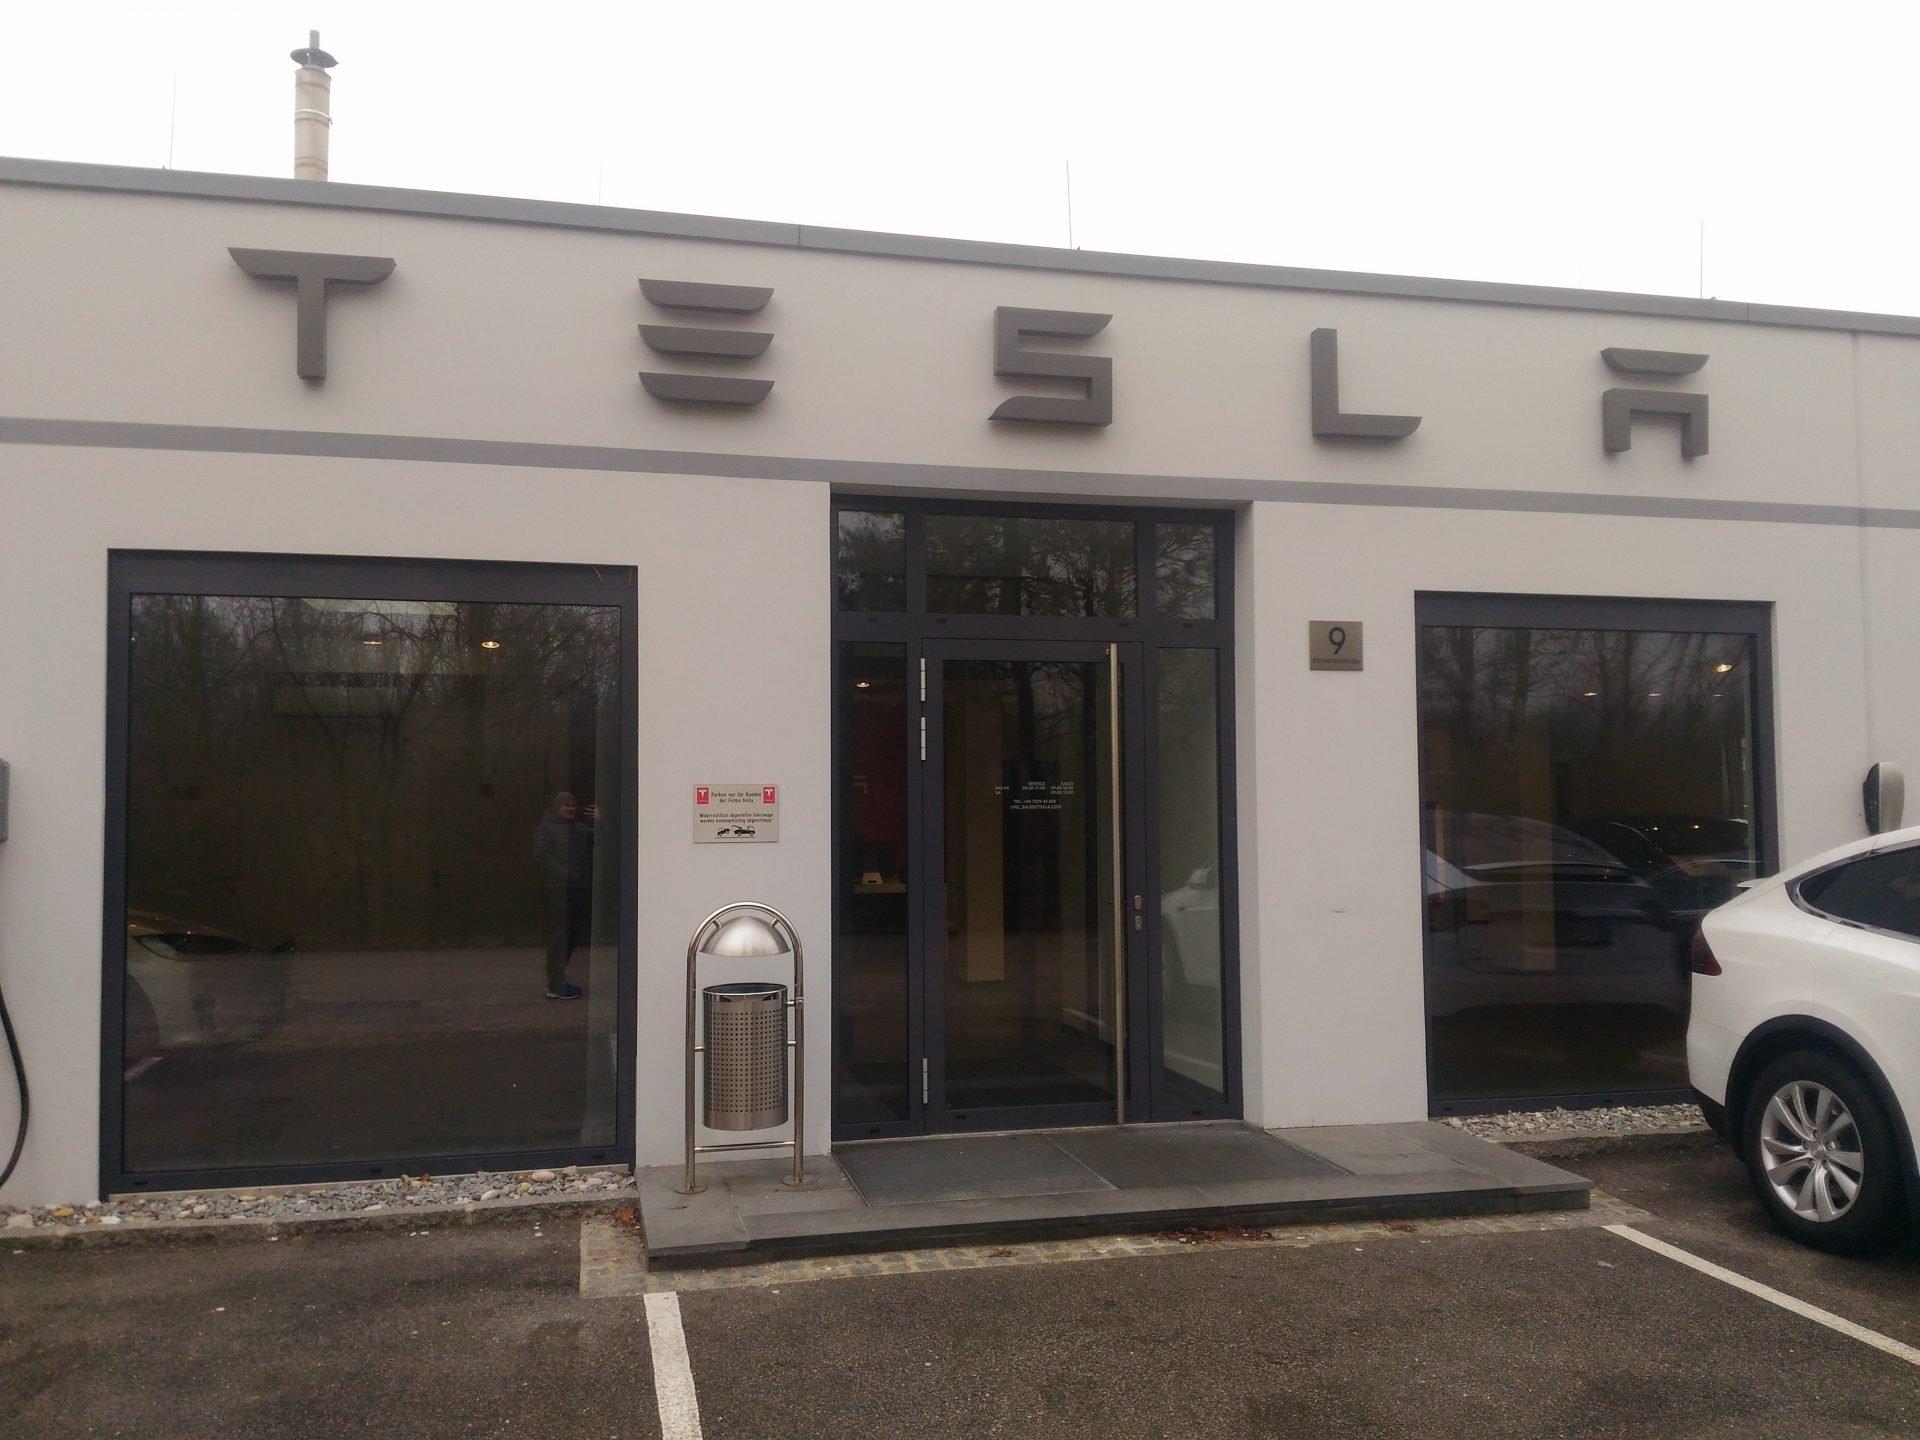 Заправка TESLA Supercharger в австрийском Трауне? Нет, целый магазин